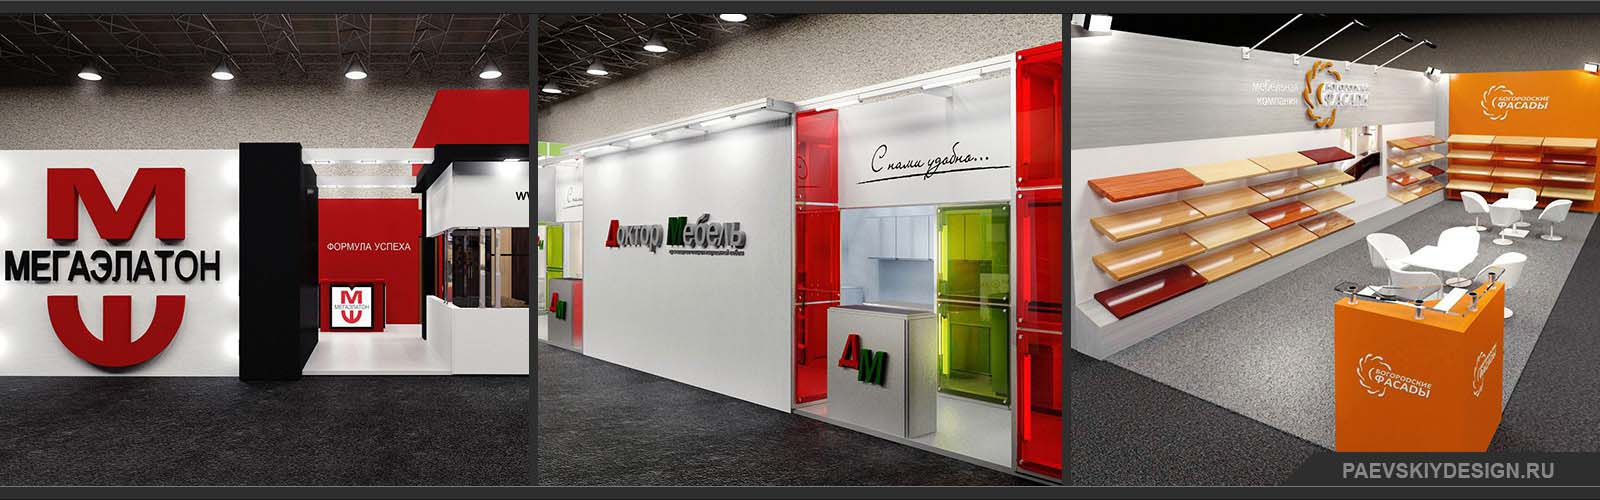 Дизайн выставочных стендов в Москве заказать проект